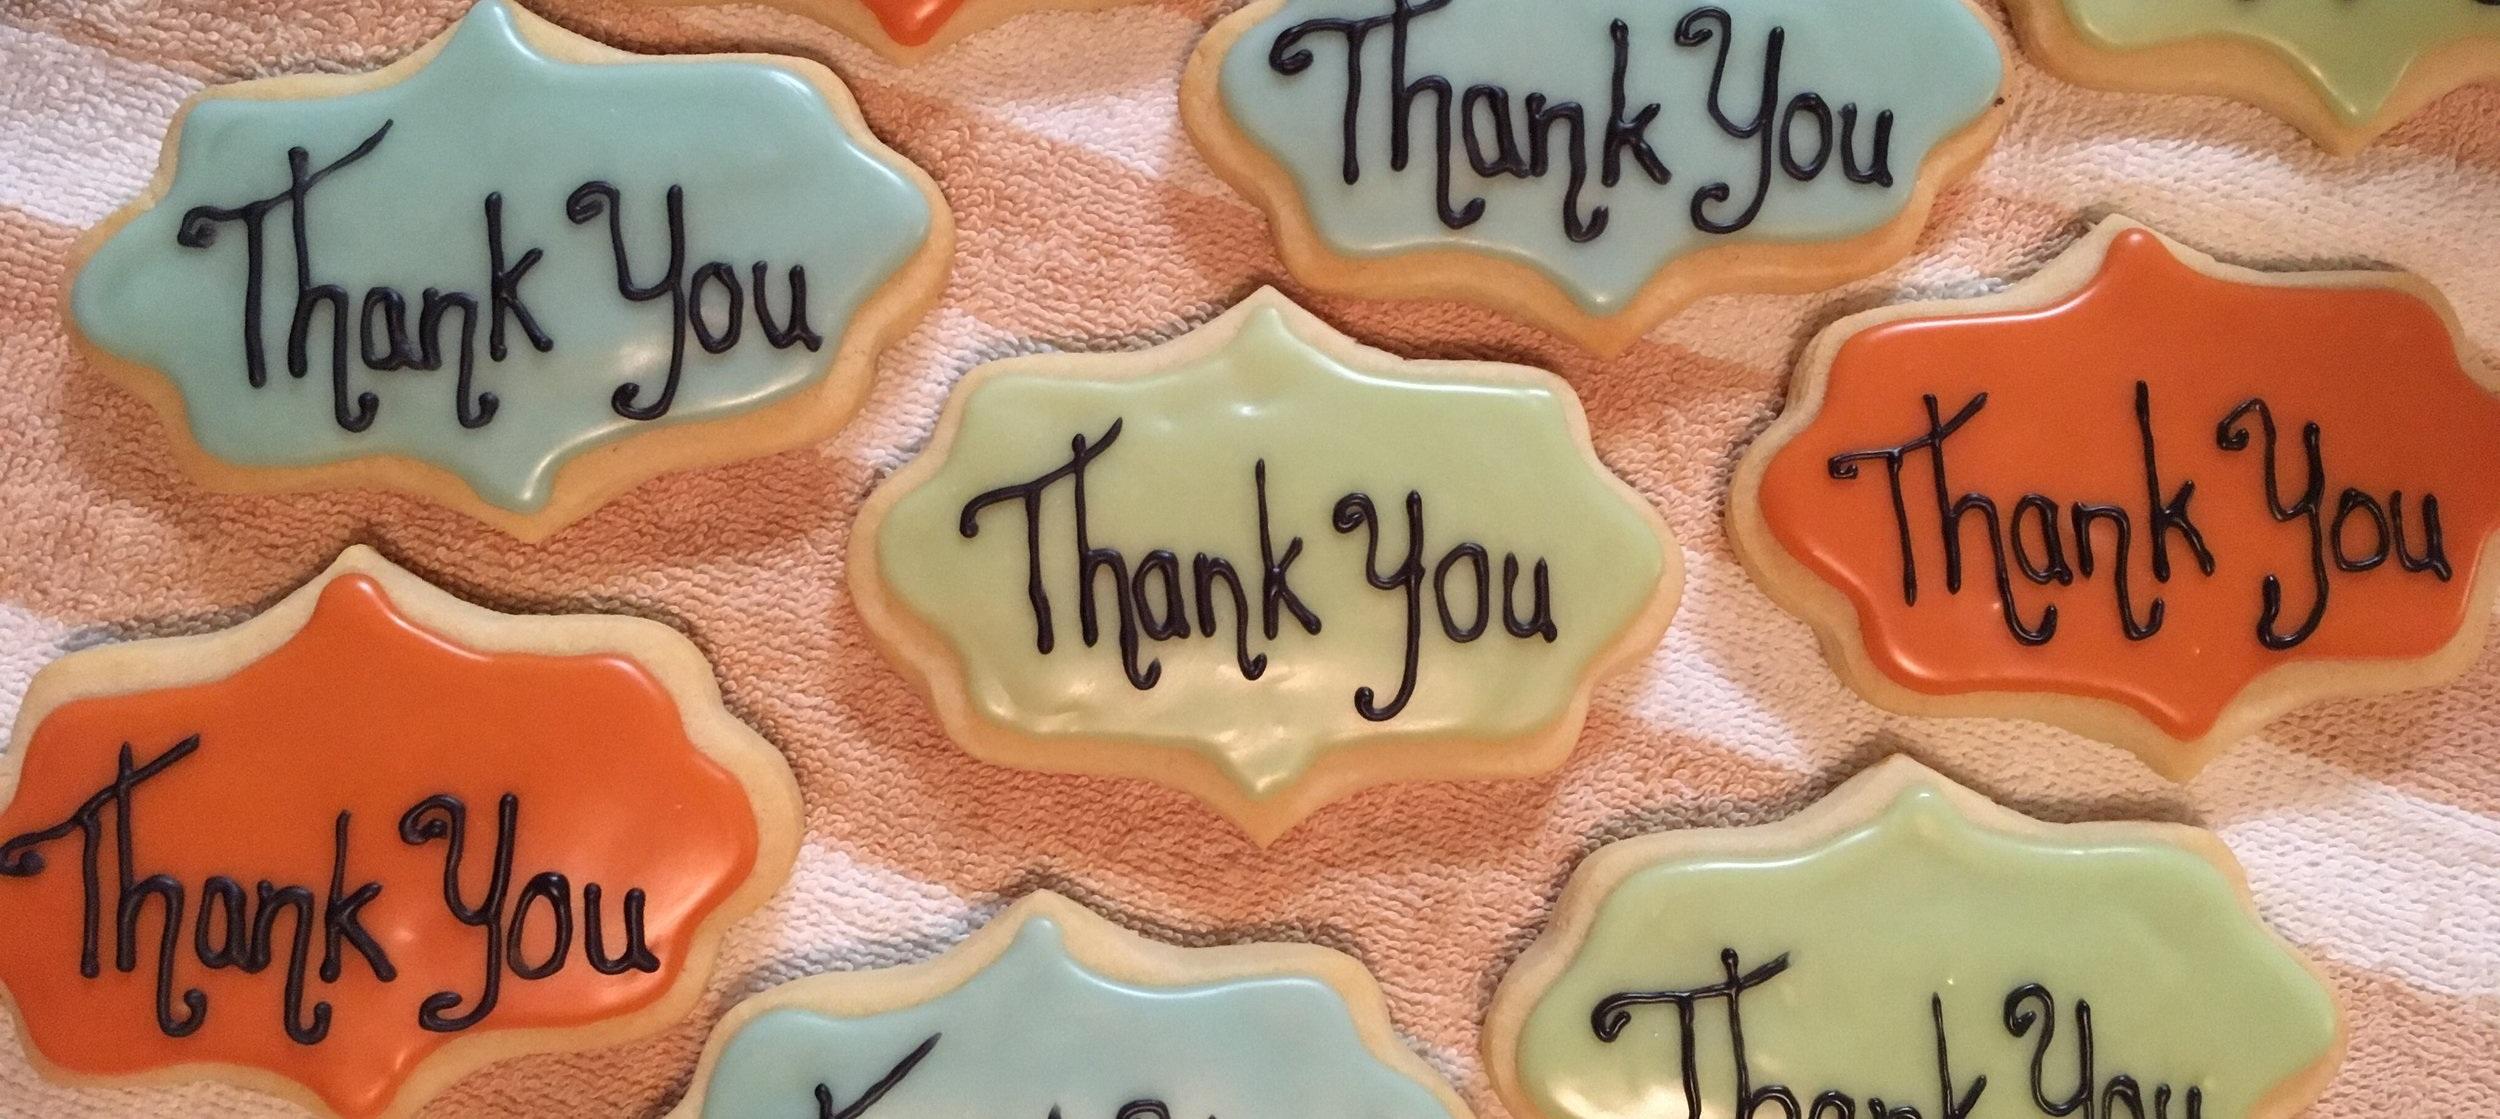 Thankyou+Cookies.jpg